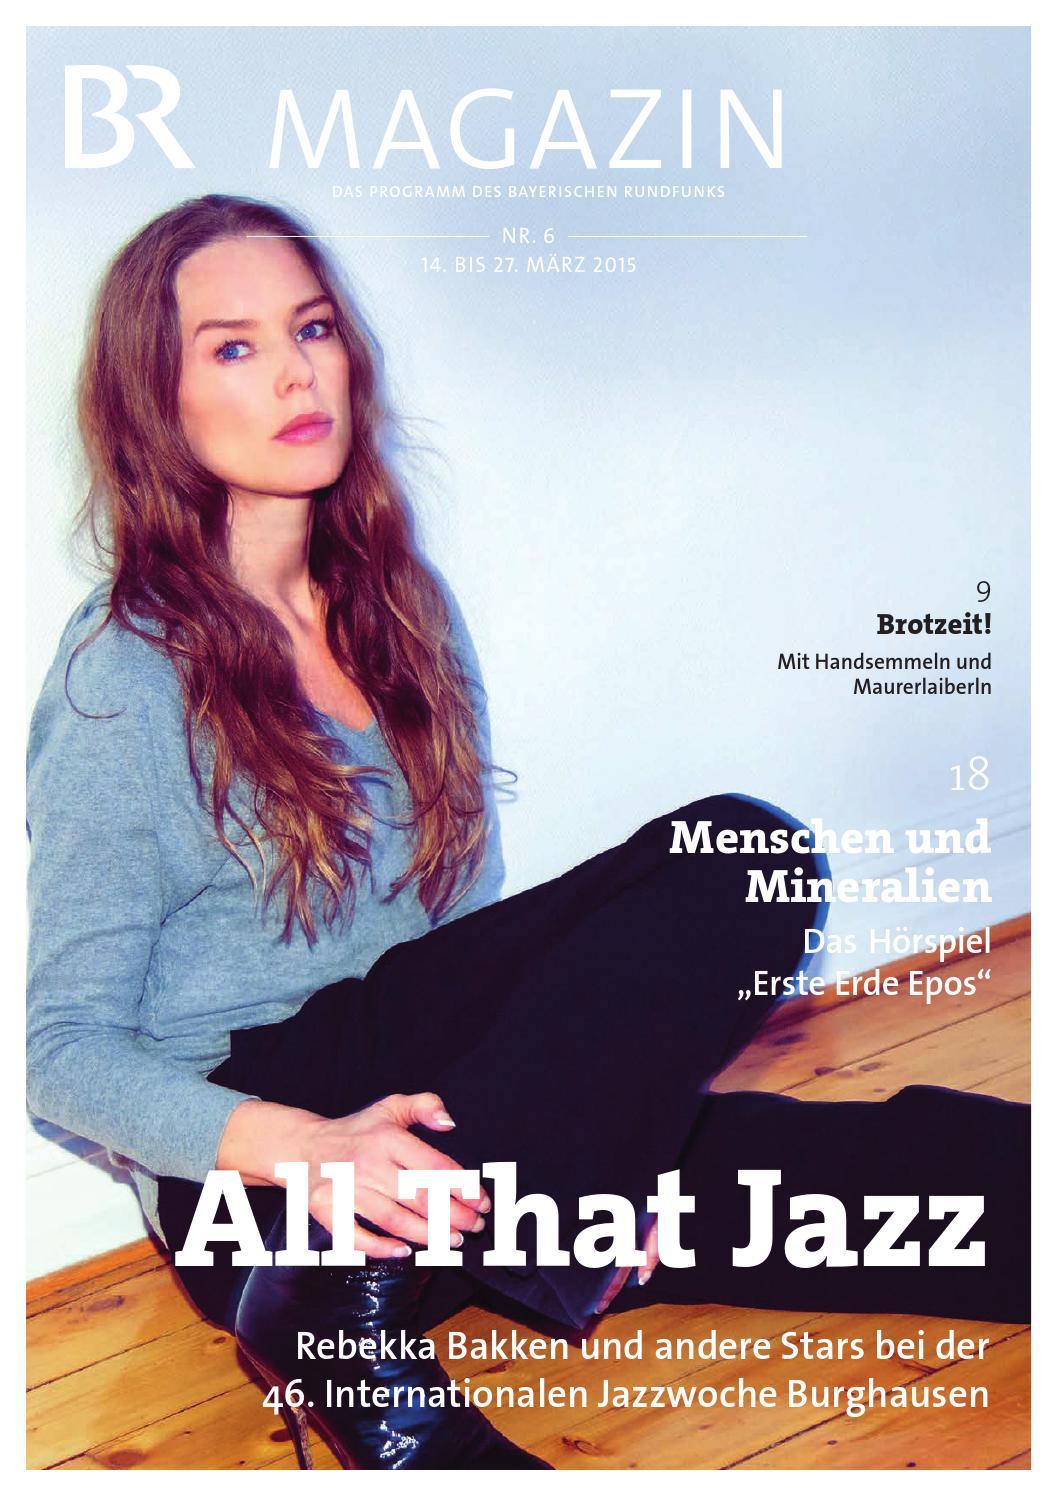 BR-Magazin Nr  06 vom 14 03 -27 03 2015 by Bayerischer